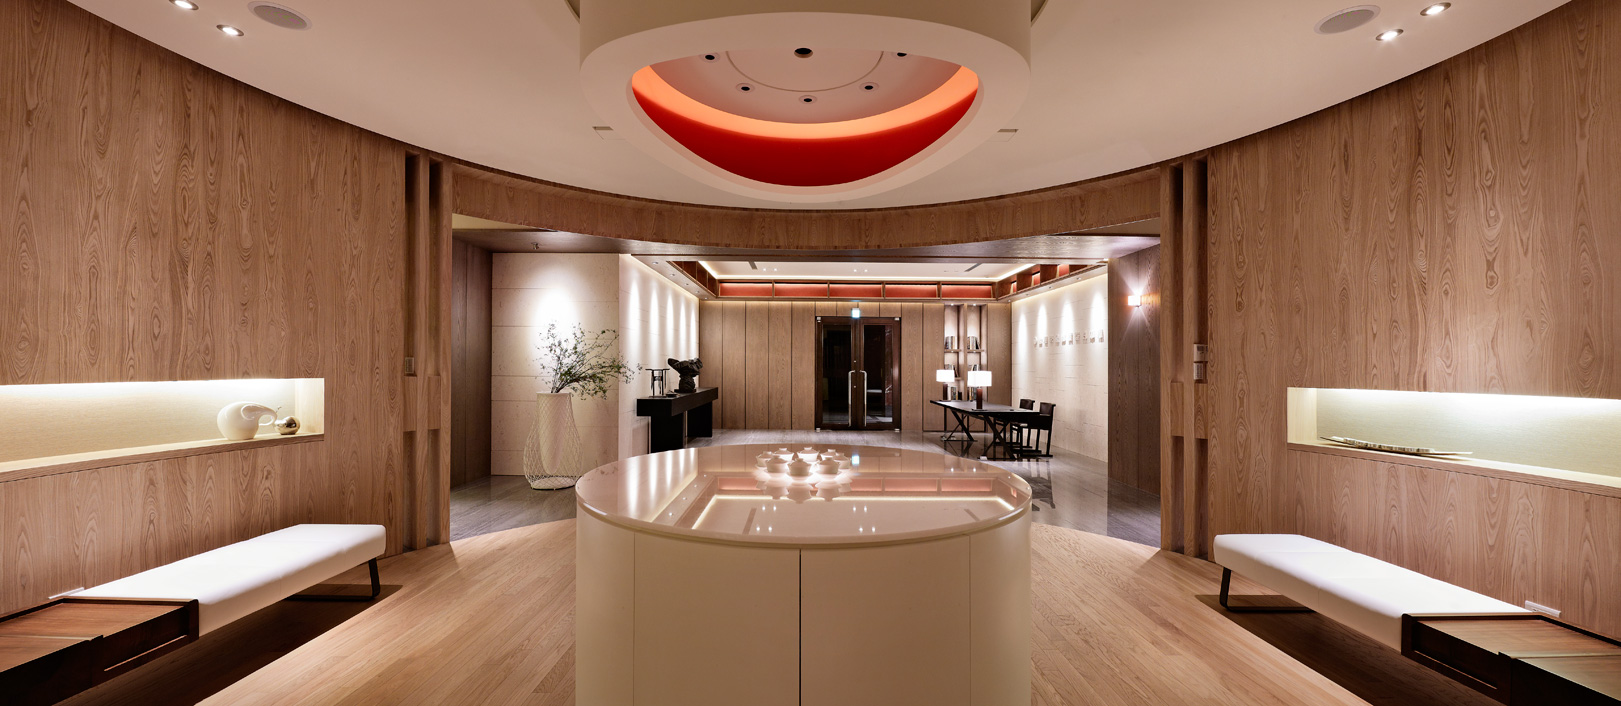 设计概念乃以「文厅」构筑空间,「茶坊」为待客之道,「文房四宝」体现